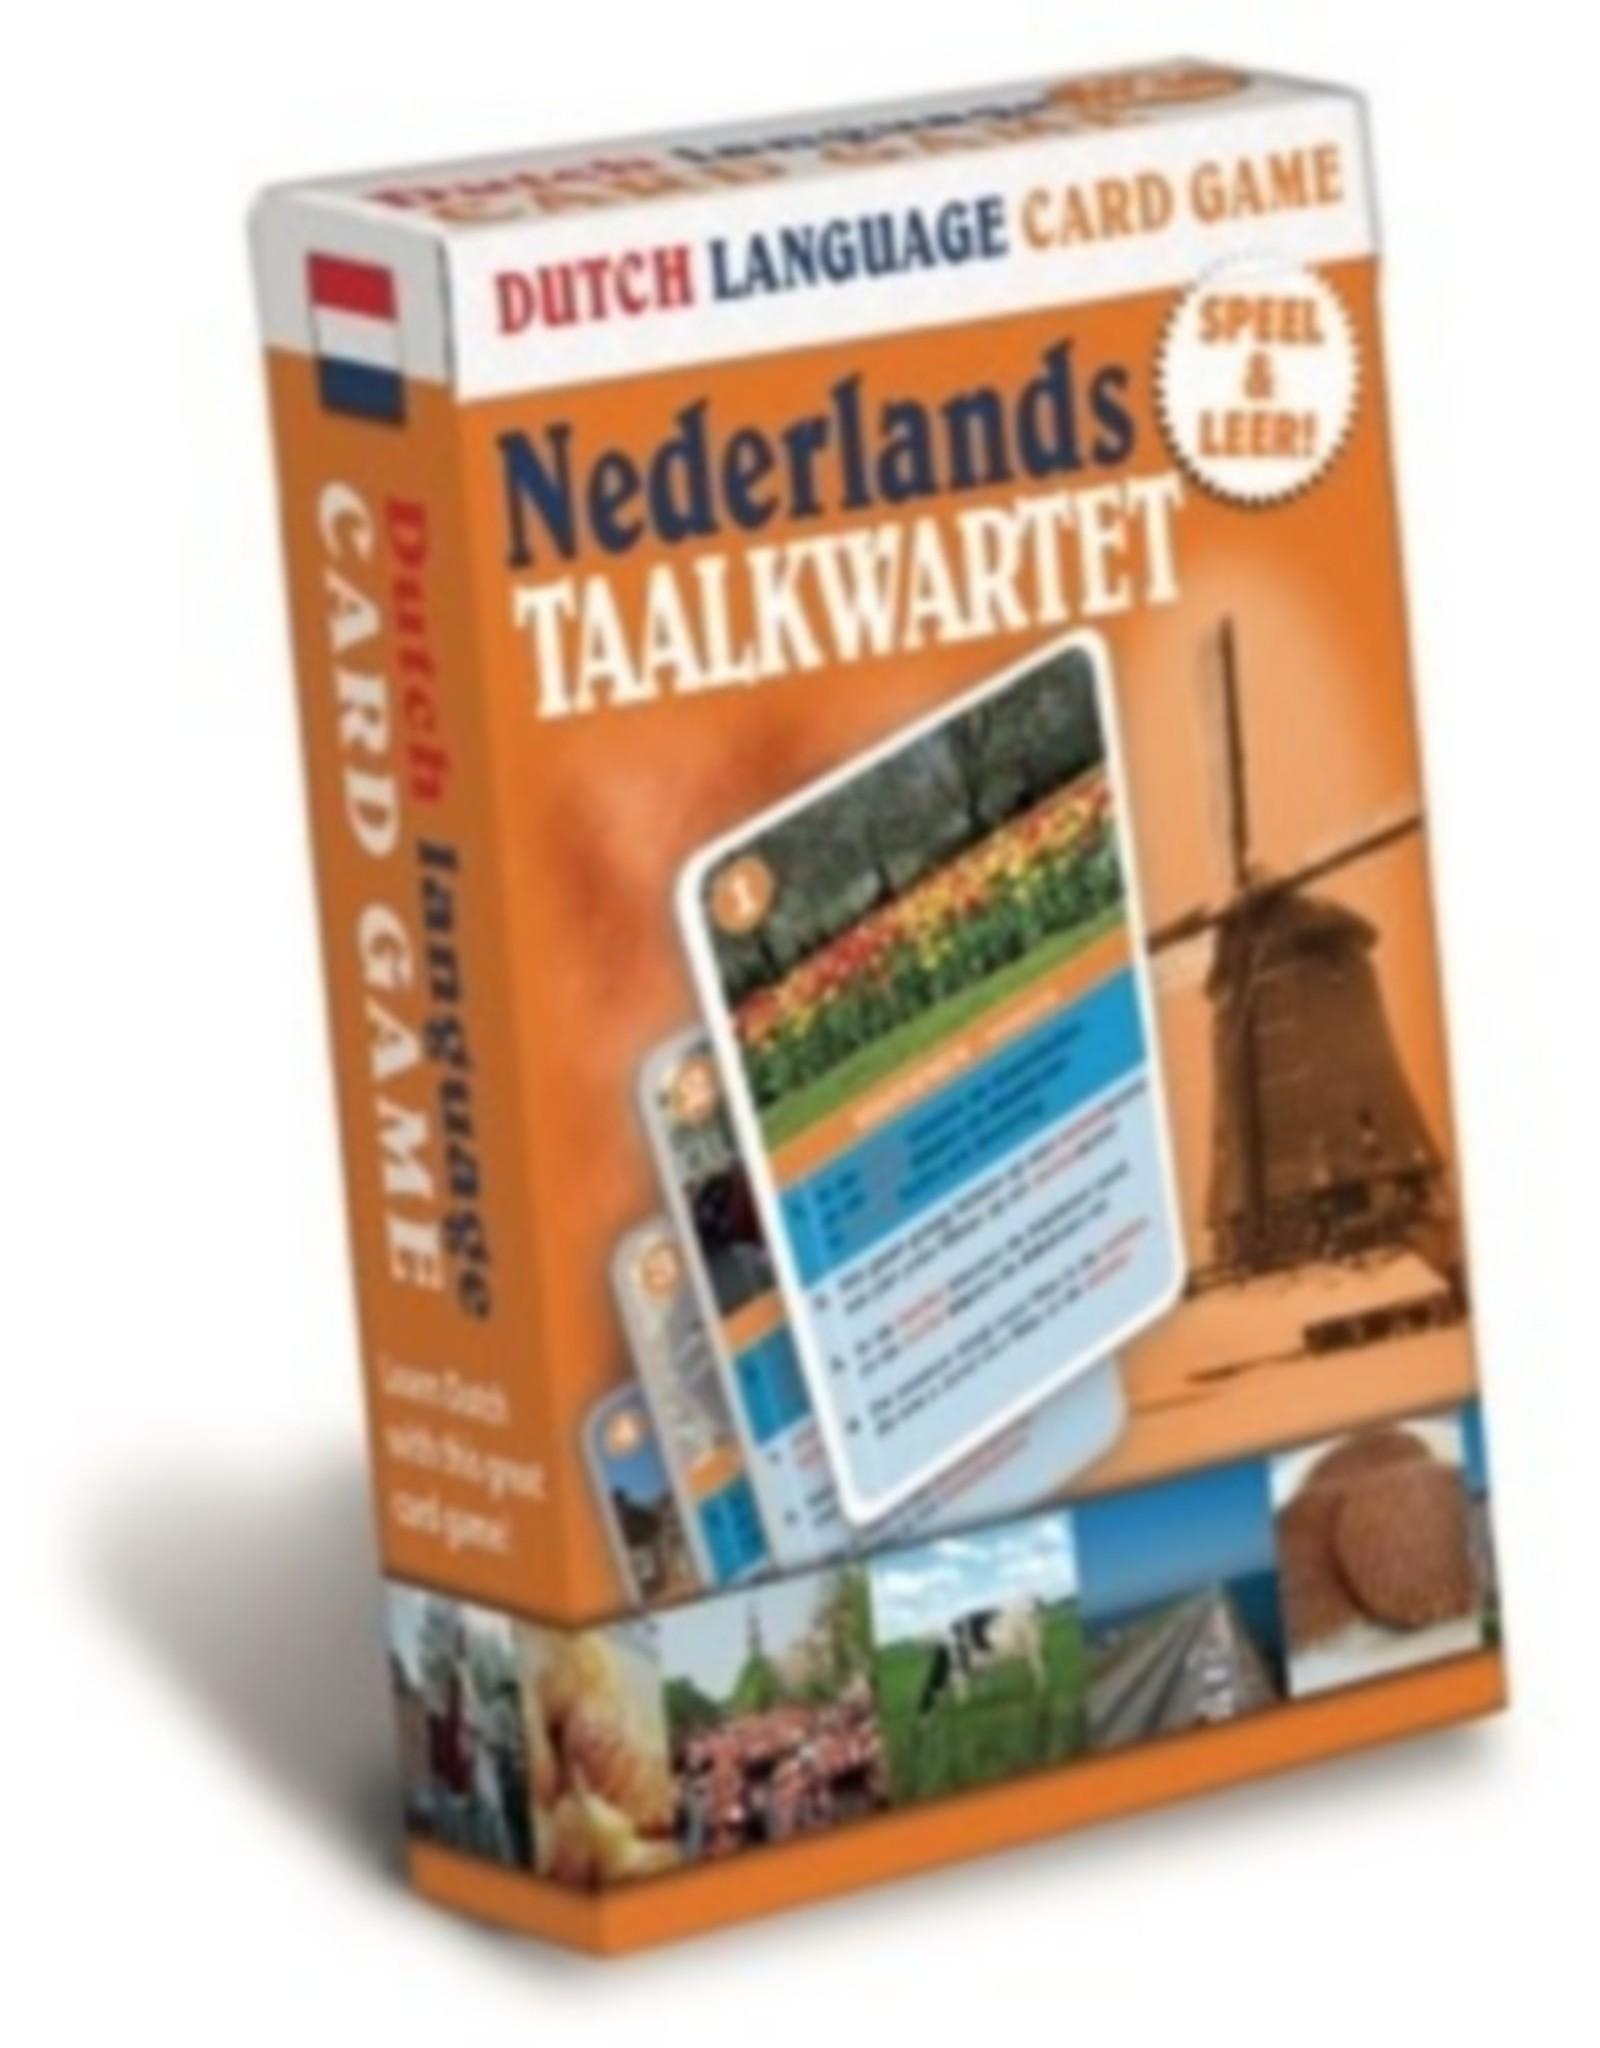 Scala Leuker Leren Taalkwartet Nederlands